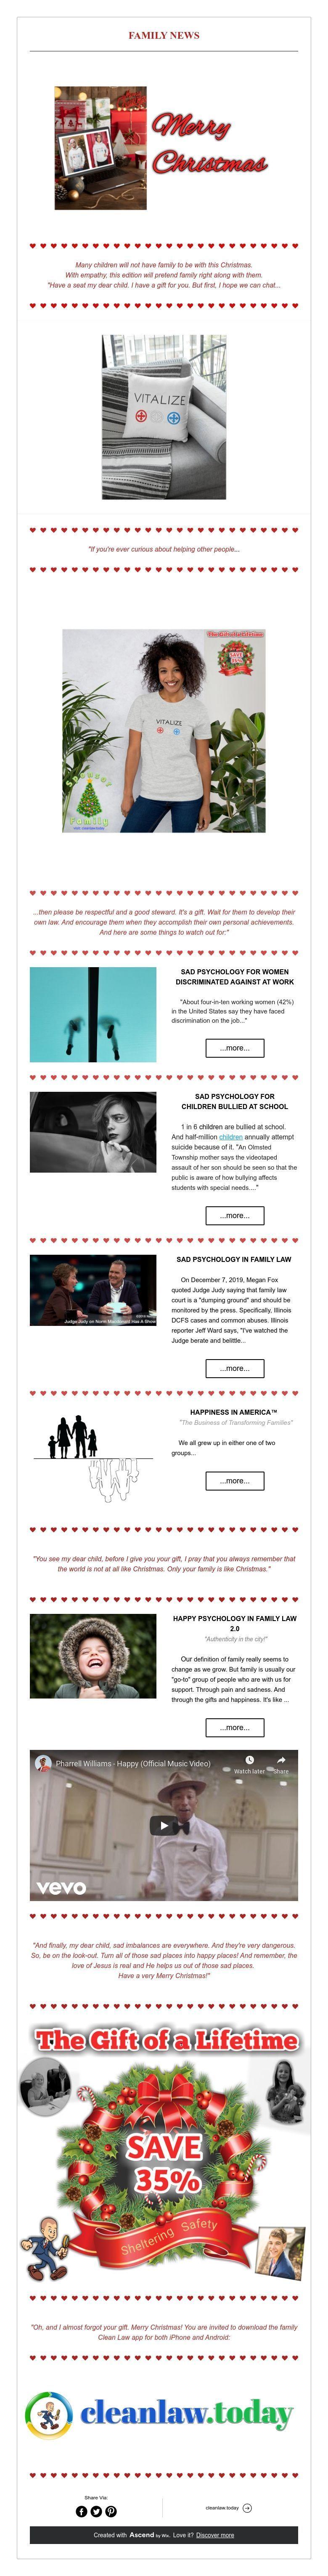 FAMILY NEWS Family news, Social enterprise, Family